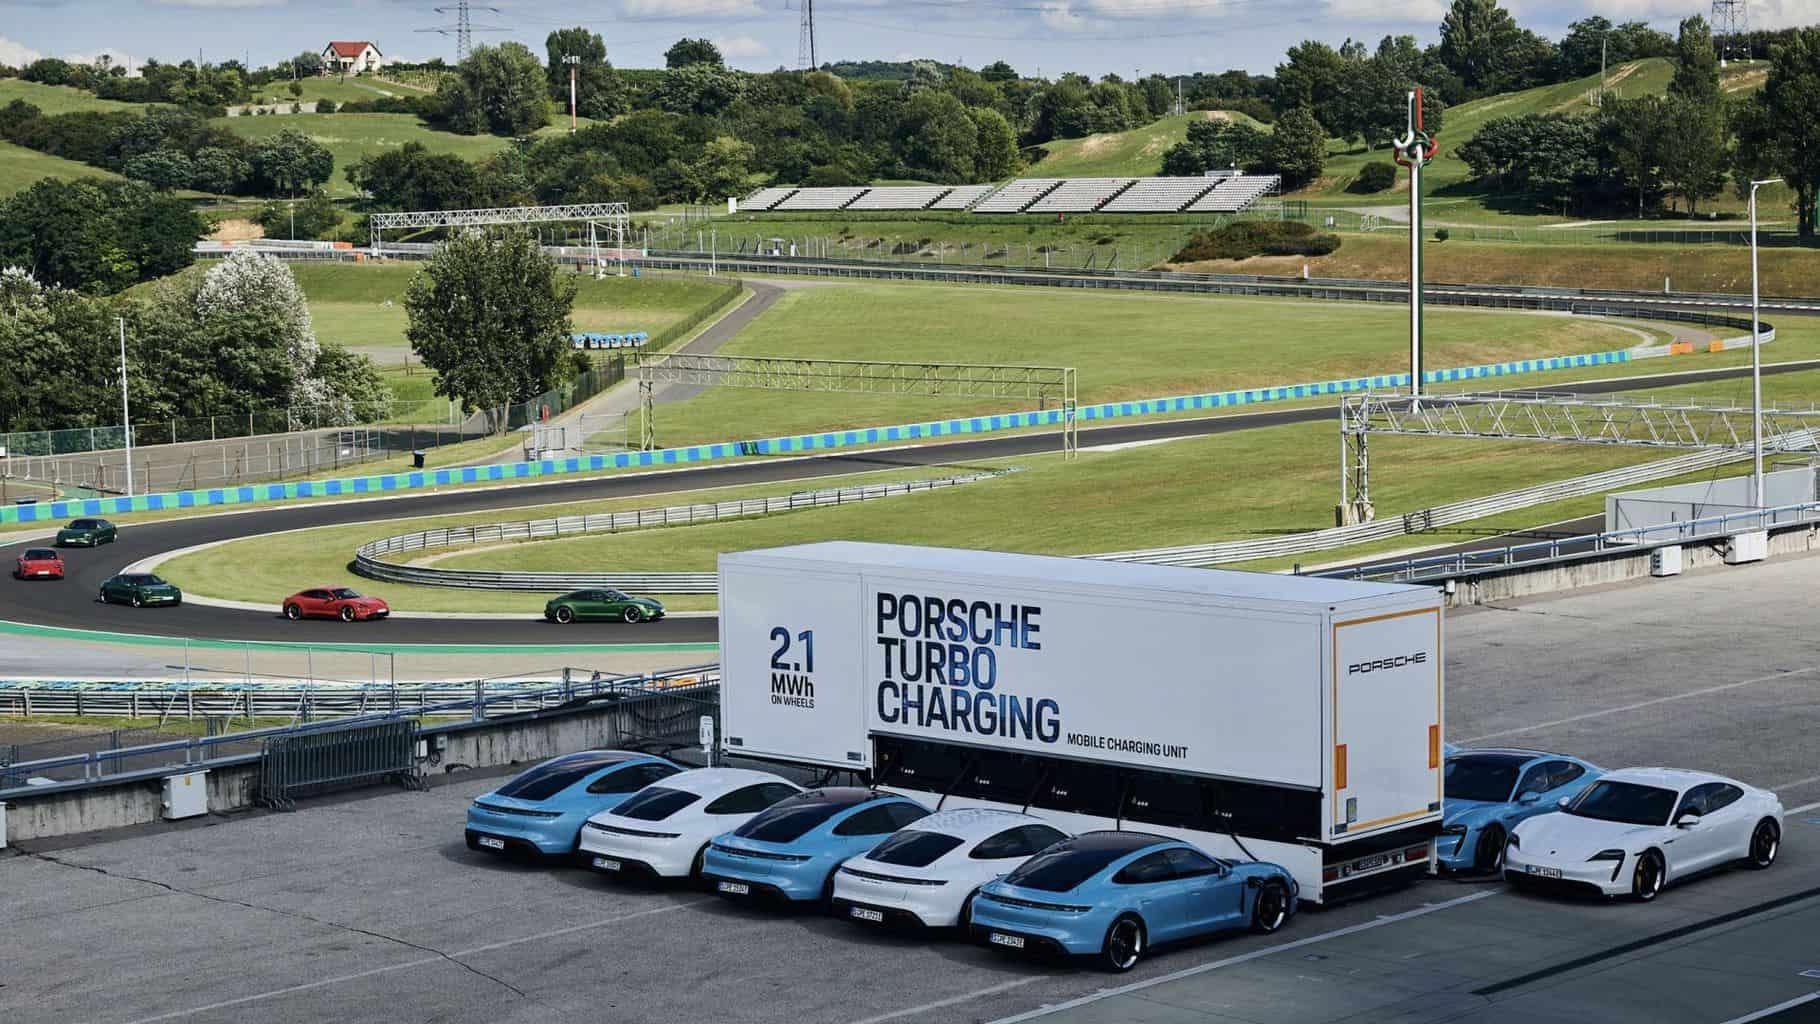 Porsche Akku-Truck wartet mit 2,1 Megawattstunden-Batterie auf; ausreichend für 30 Porsche Taycan